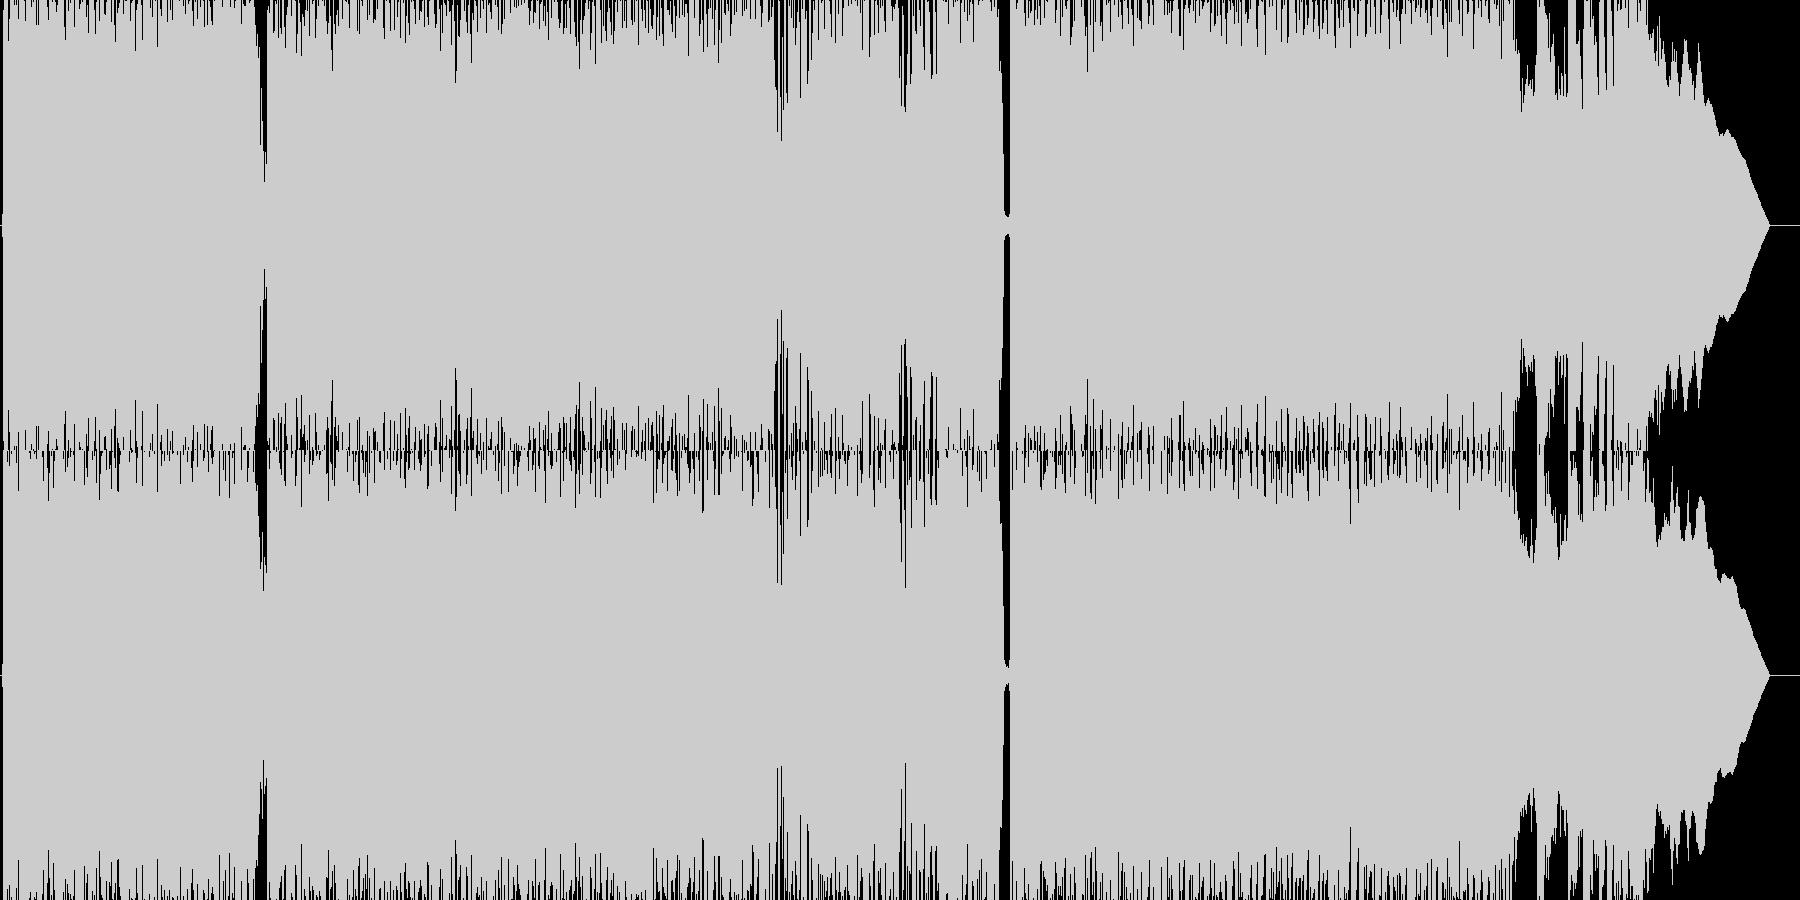 カントリー調の軽快なパンクロックの未再生の波形